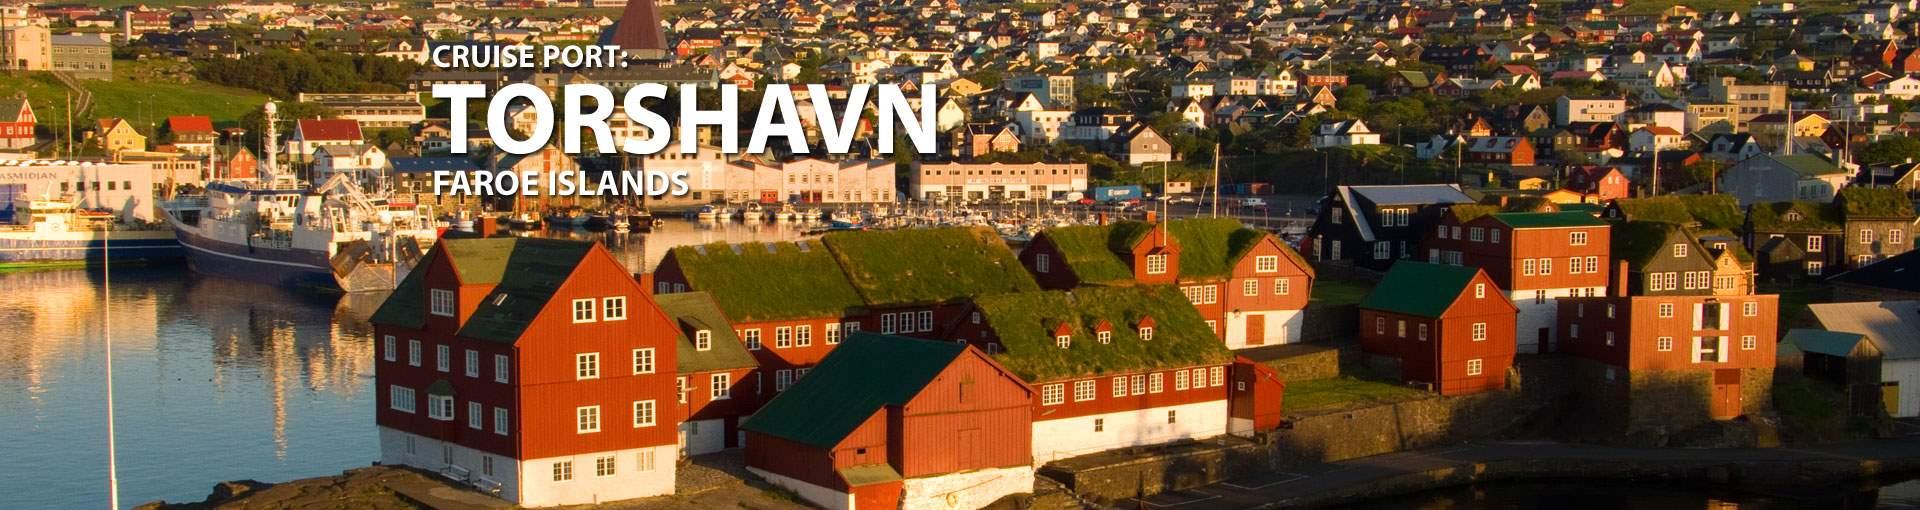 Cruises to Torshavn, Faroe Islands